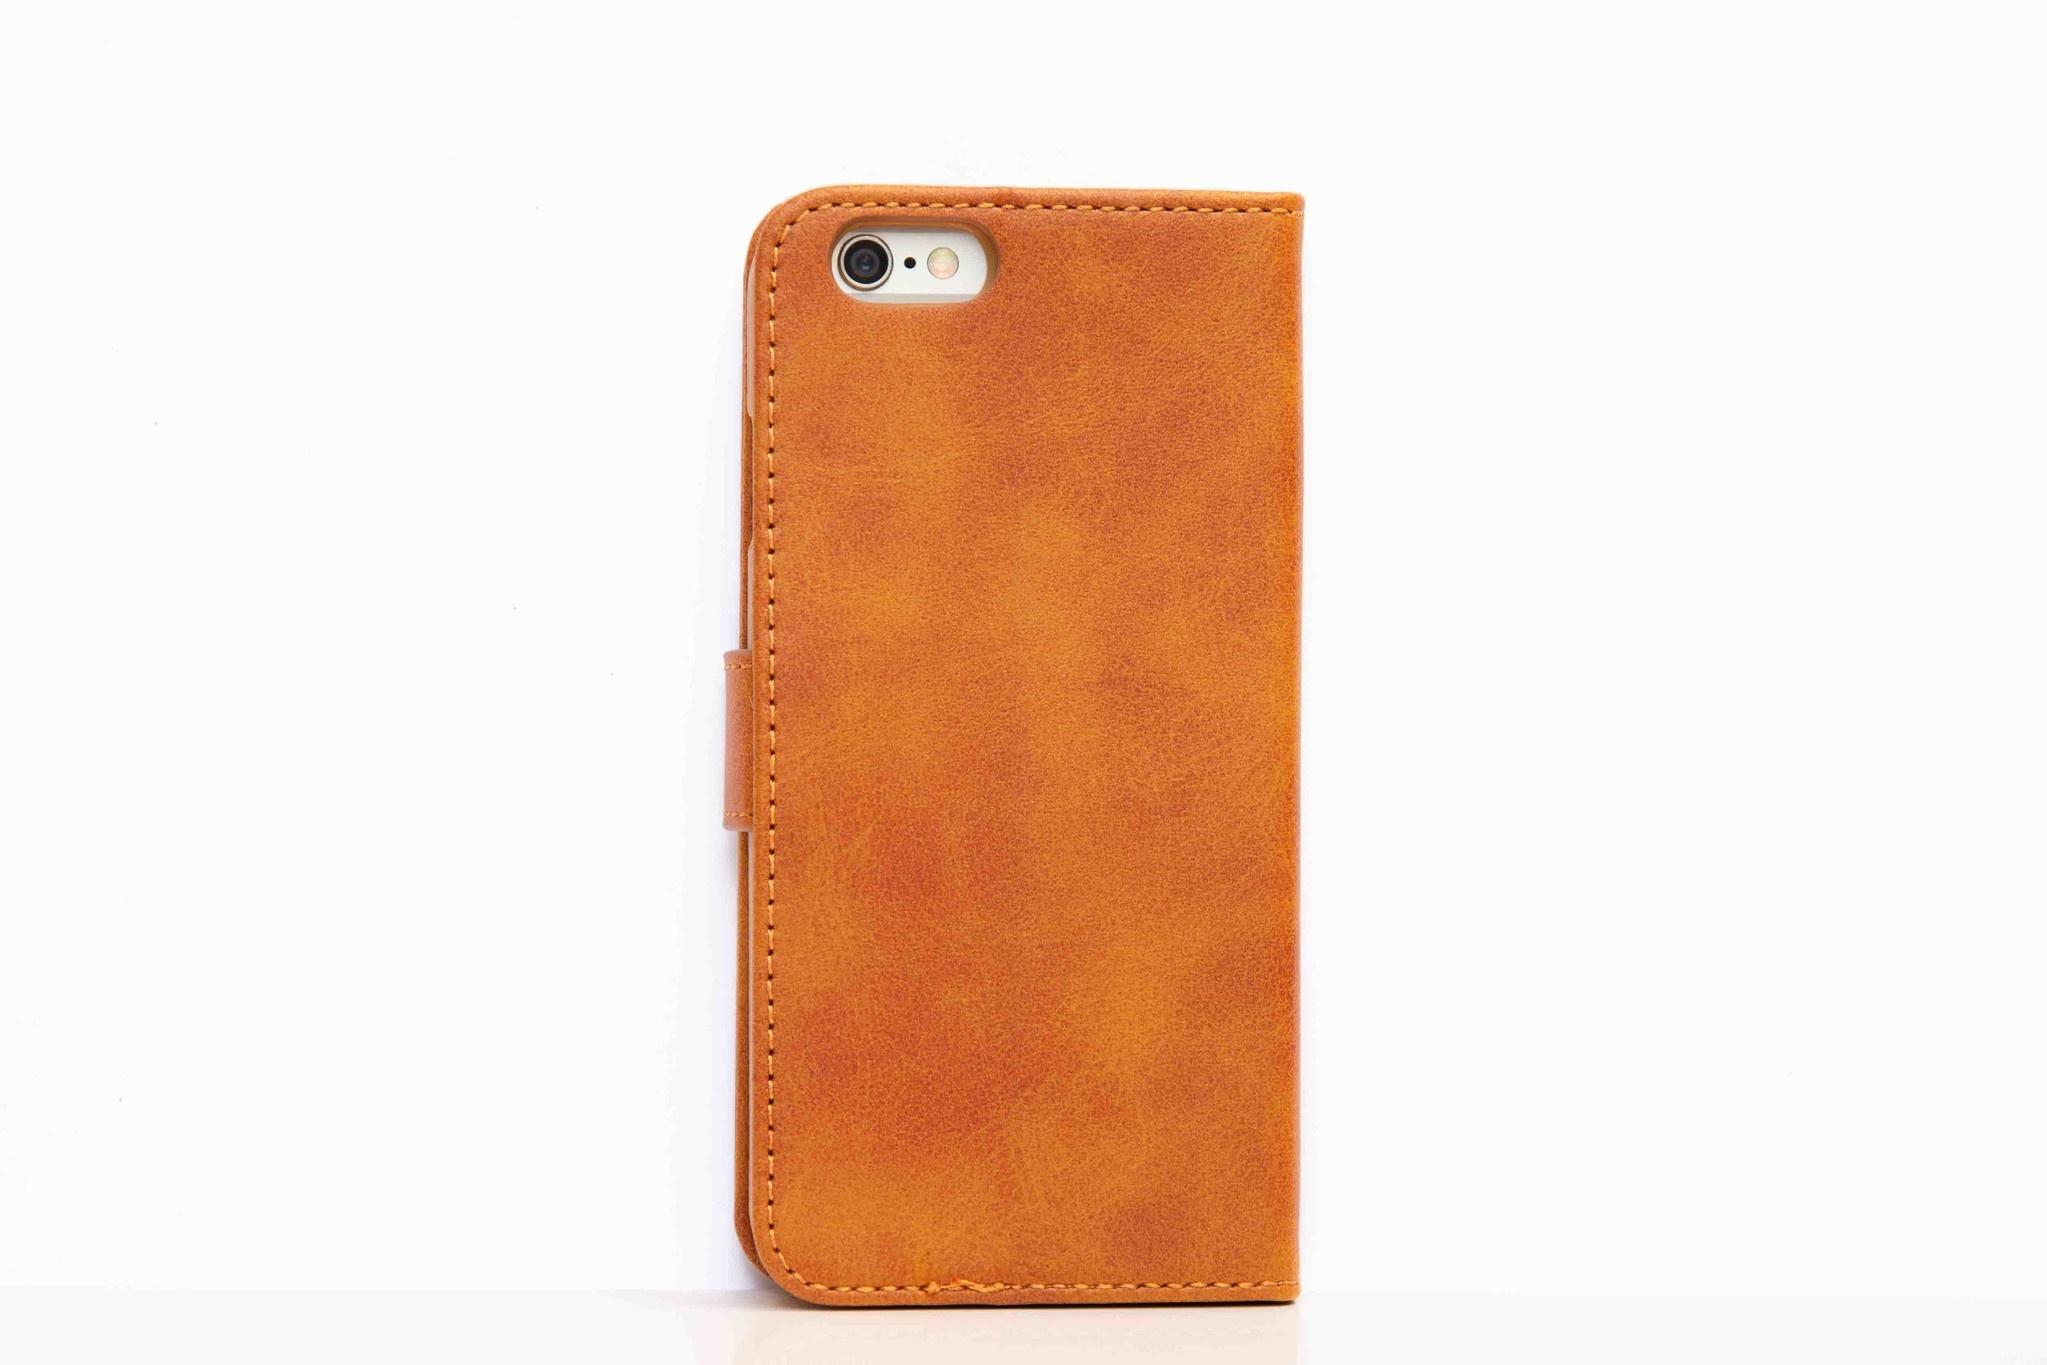 Smartphonehoesje iPhone 11 Pro Max | Portemonnee | Cognac